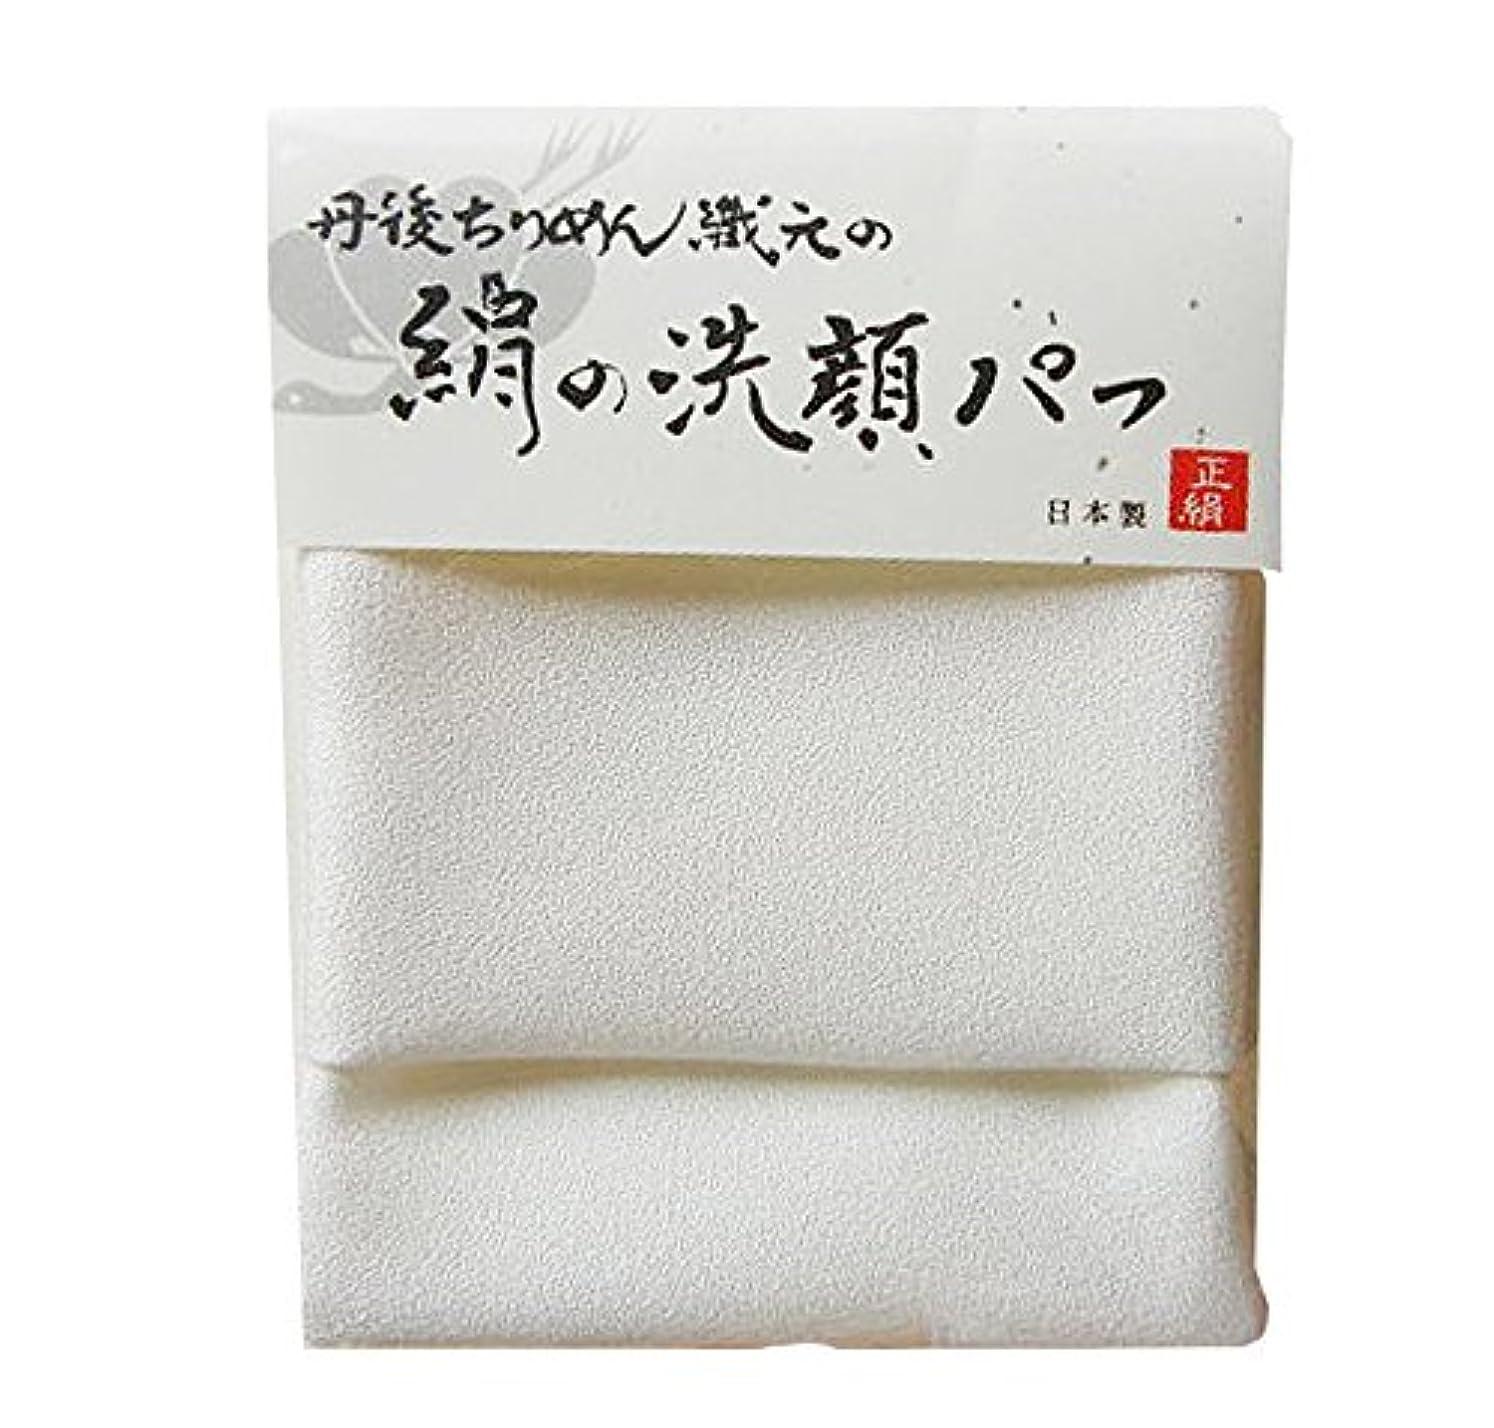 海峡ひも評判ジャズ【NHKイッピンで紹介!】丹後ちりめん織元の絹の洗顔パフ